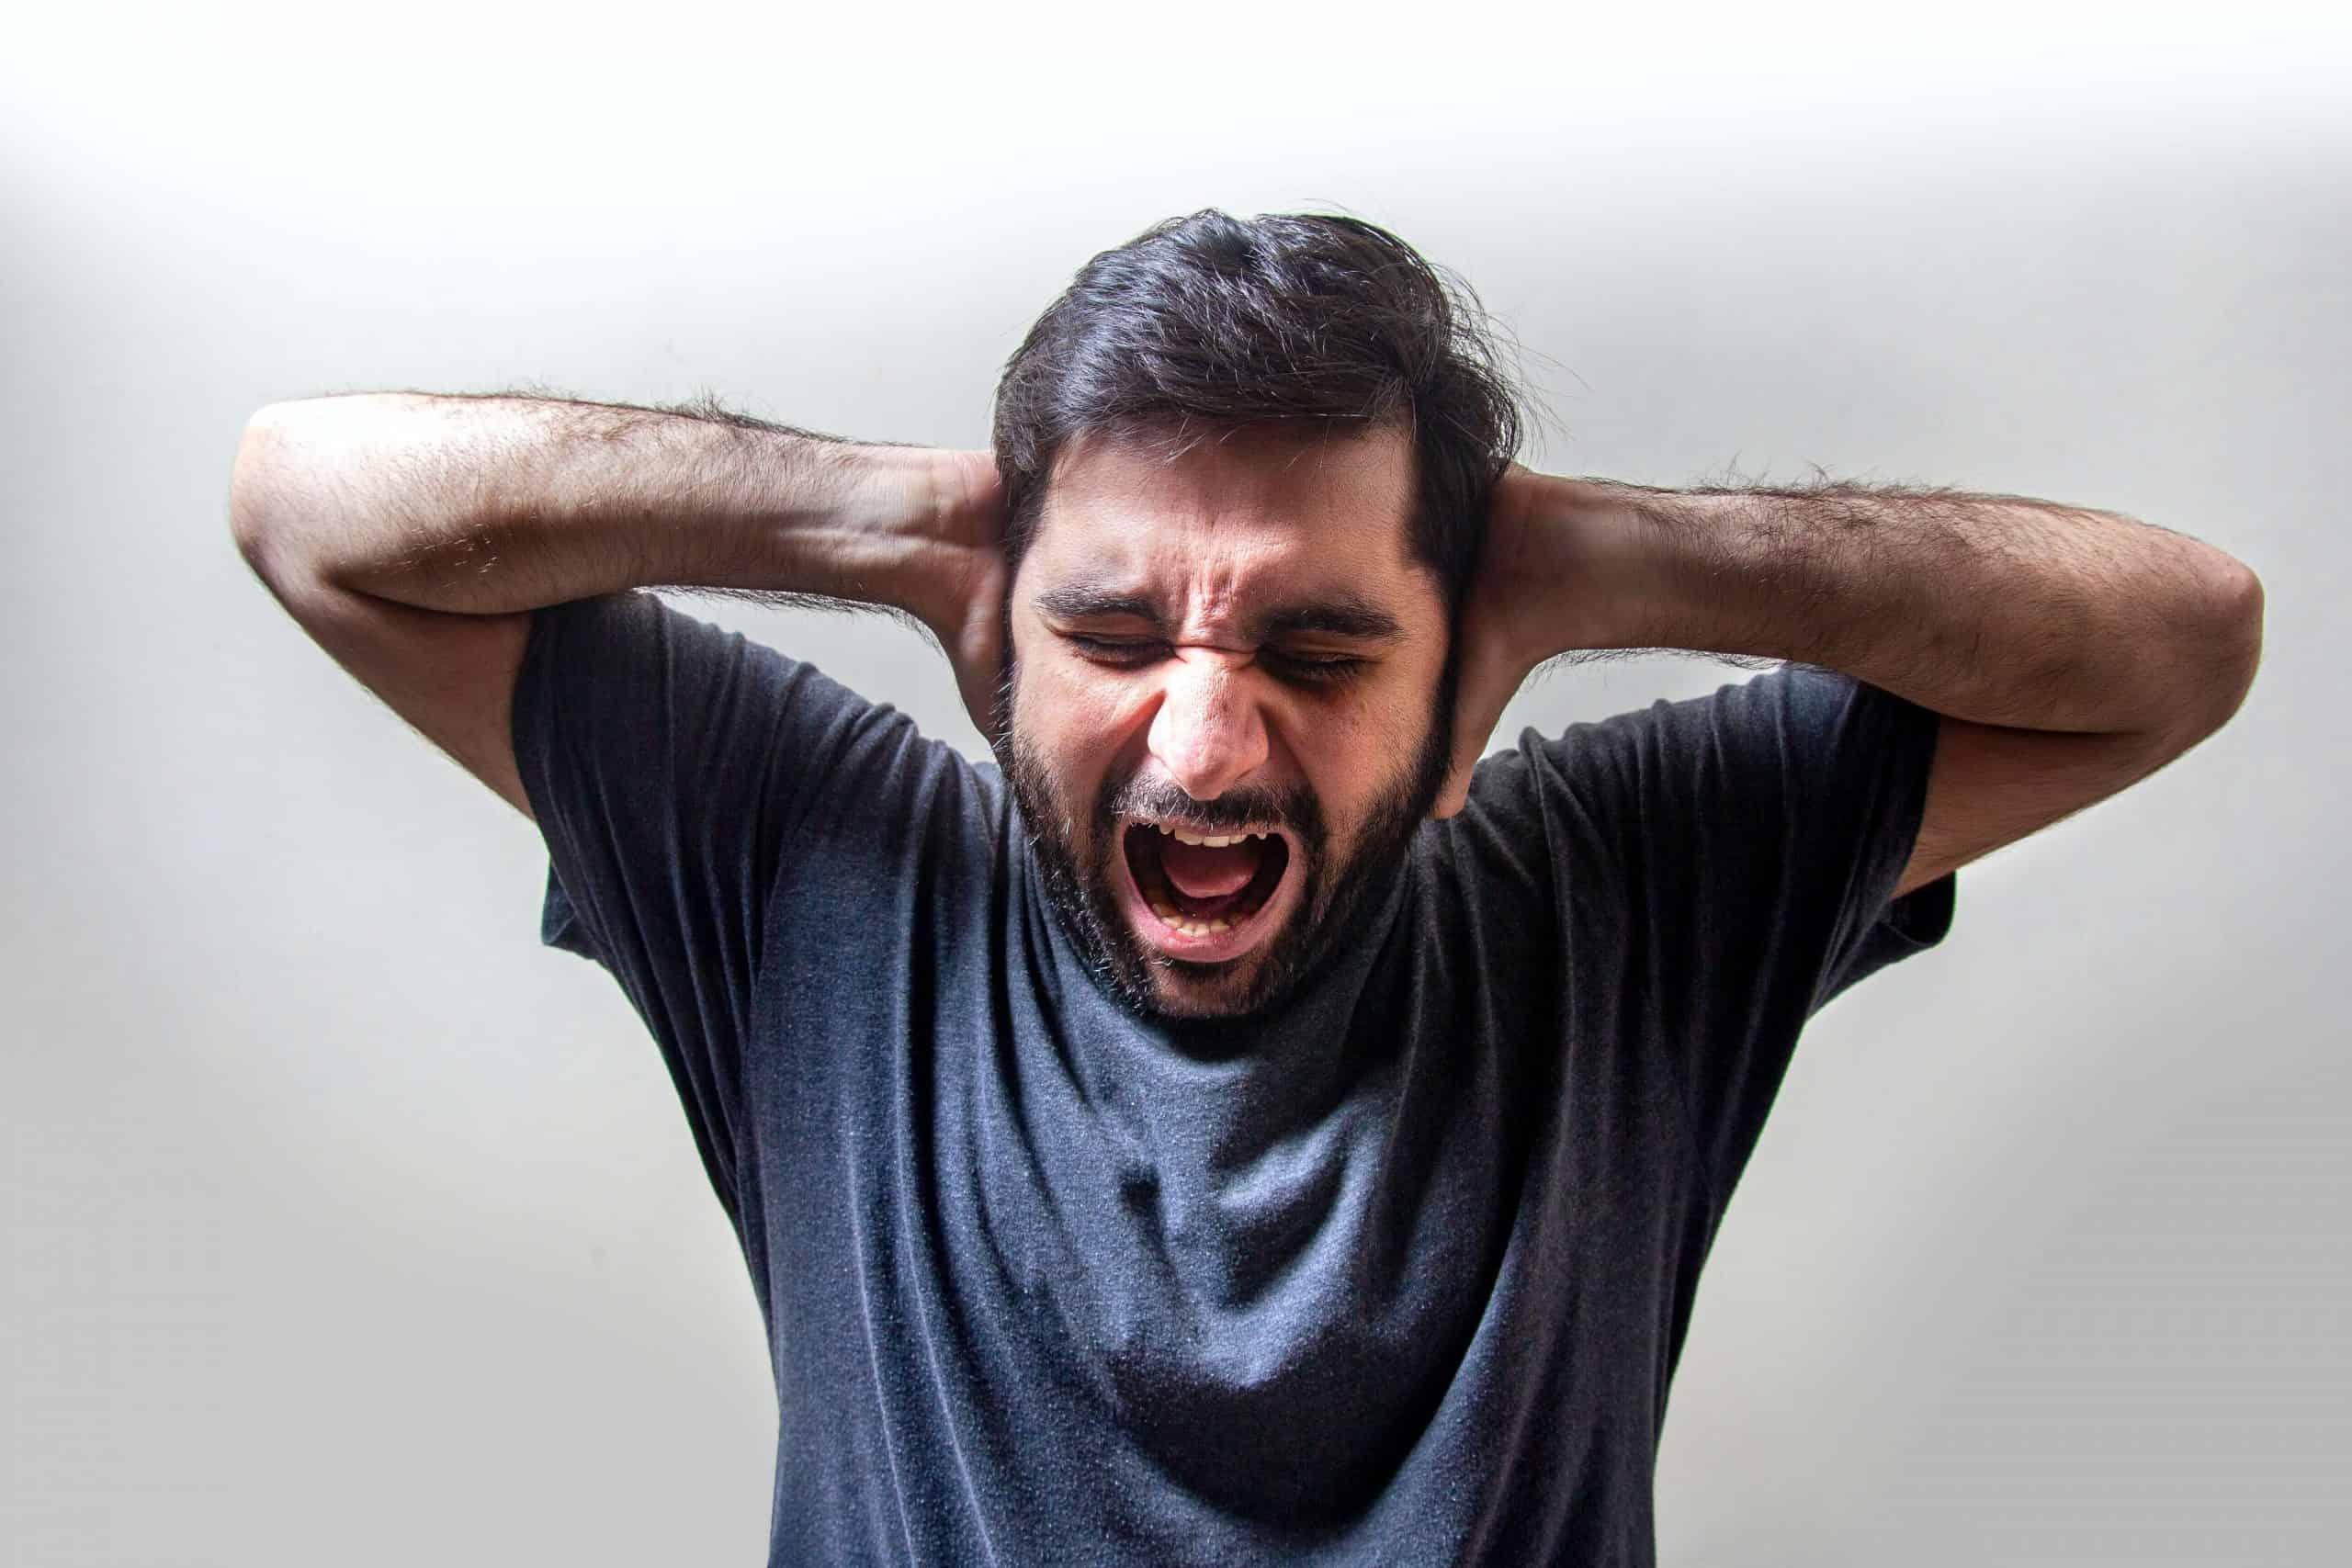 10 maneiras fáceis e rápidas de SUPERAR o mau humor